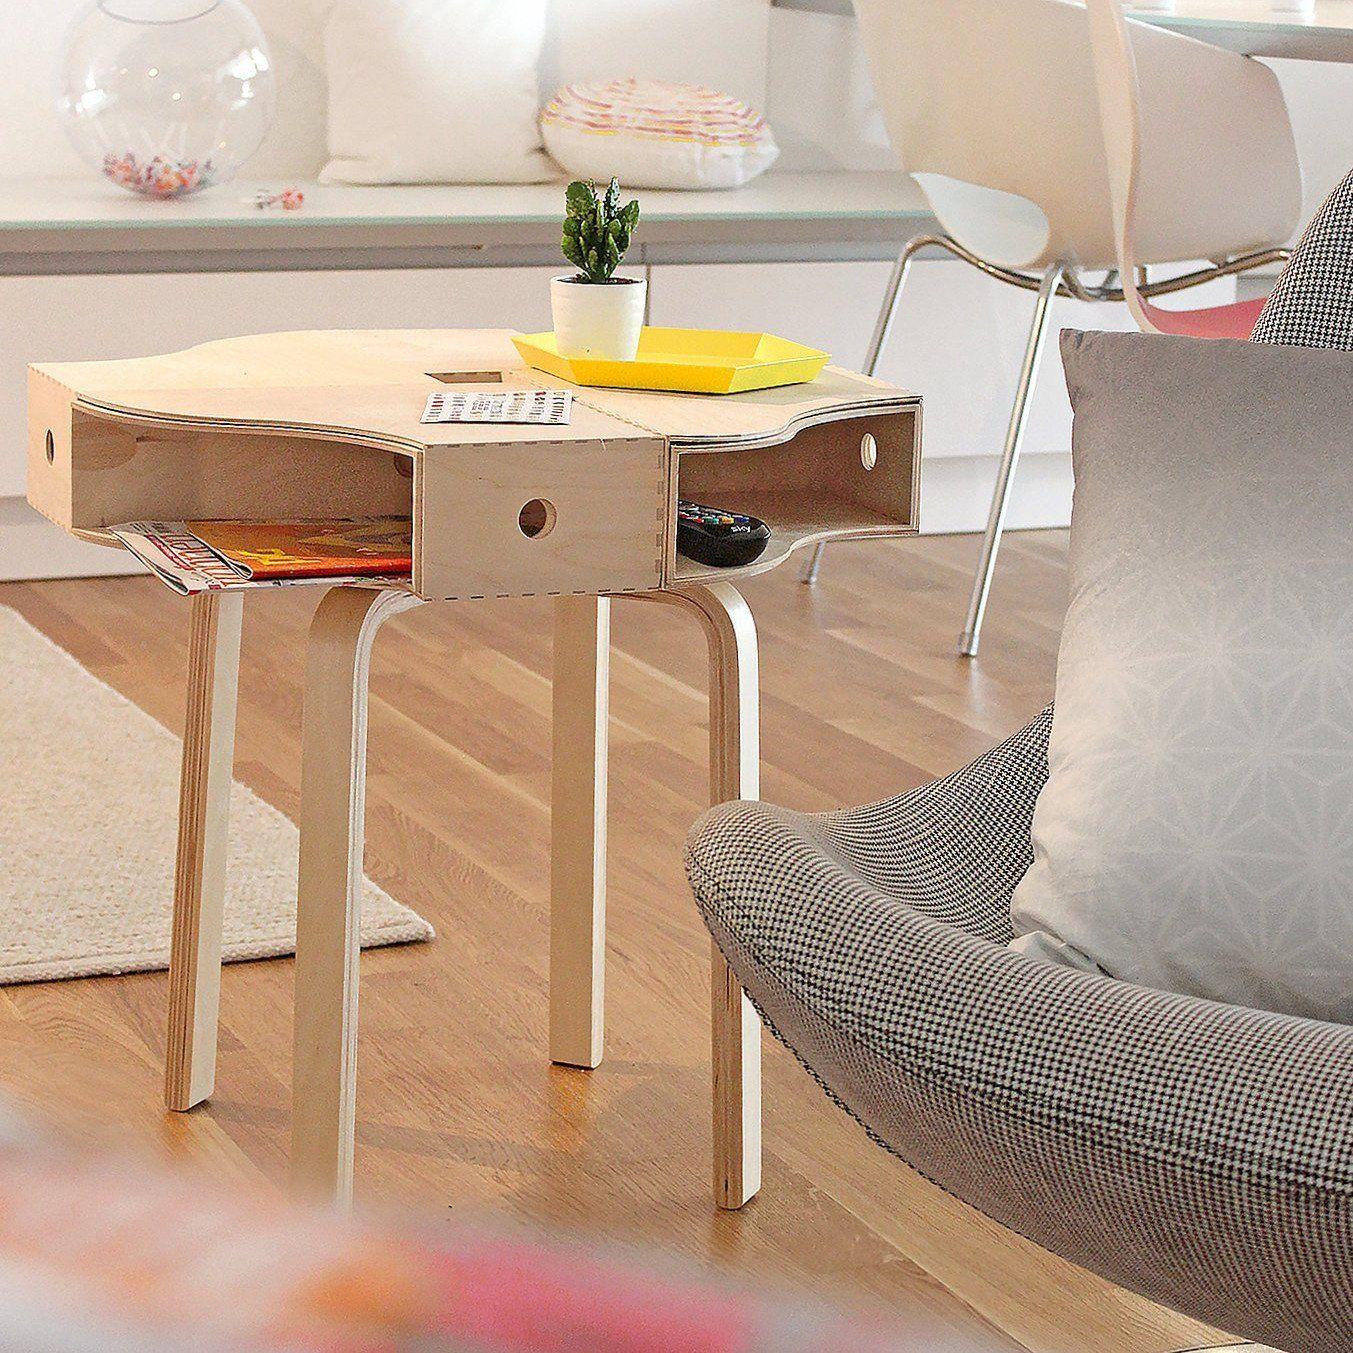 Full Size of Besten Ideen Fr Ikea Hacks Küche Aufbewahrung Mülltonne Einbauküche Selber Bauen Arbeitsplatte Fliesen Für Weiße Fettabscheider Essplatz Outdoor Edelstahl Wohnzimmer Mülleimer Küche Ikea